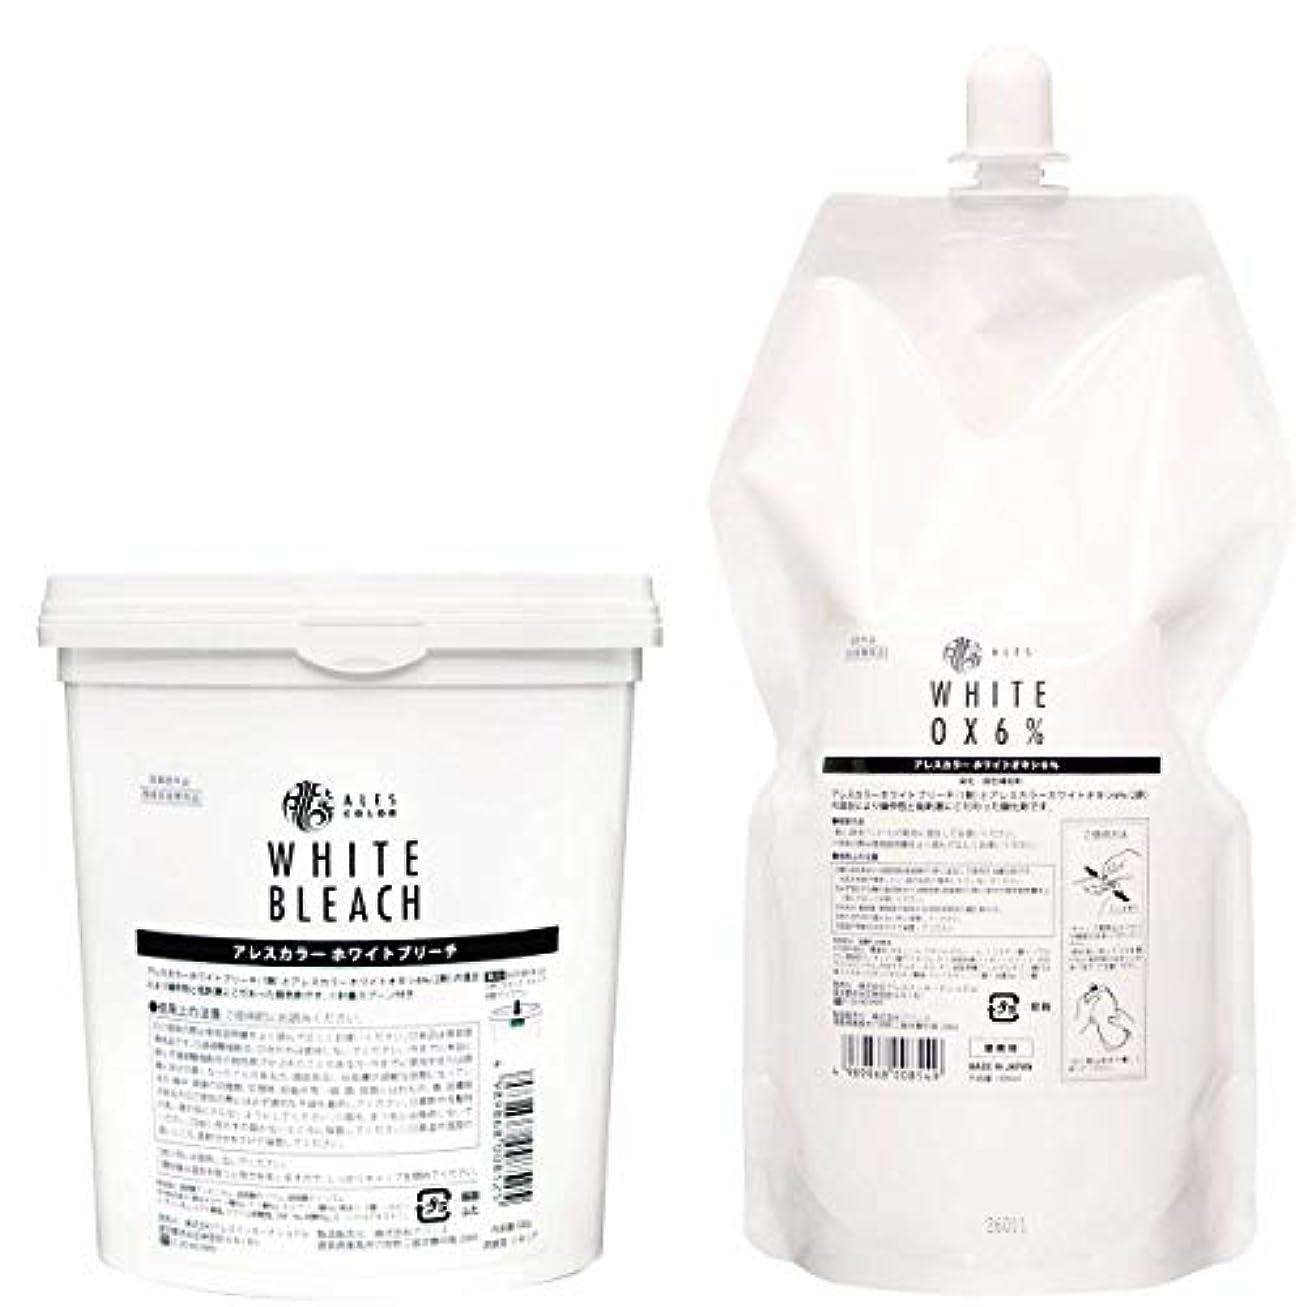 ラジウム備品ビット【セット】アレスカラー ホワイトブリーチ 500g & ホワイトオキシ6% 1000mL